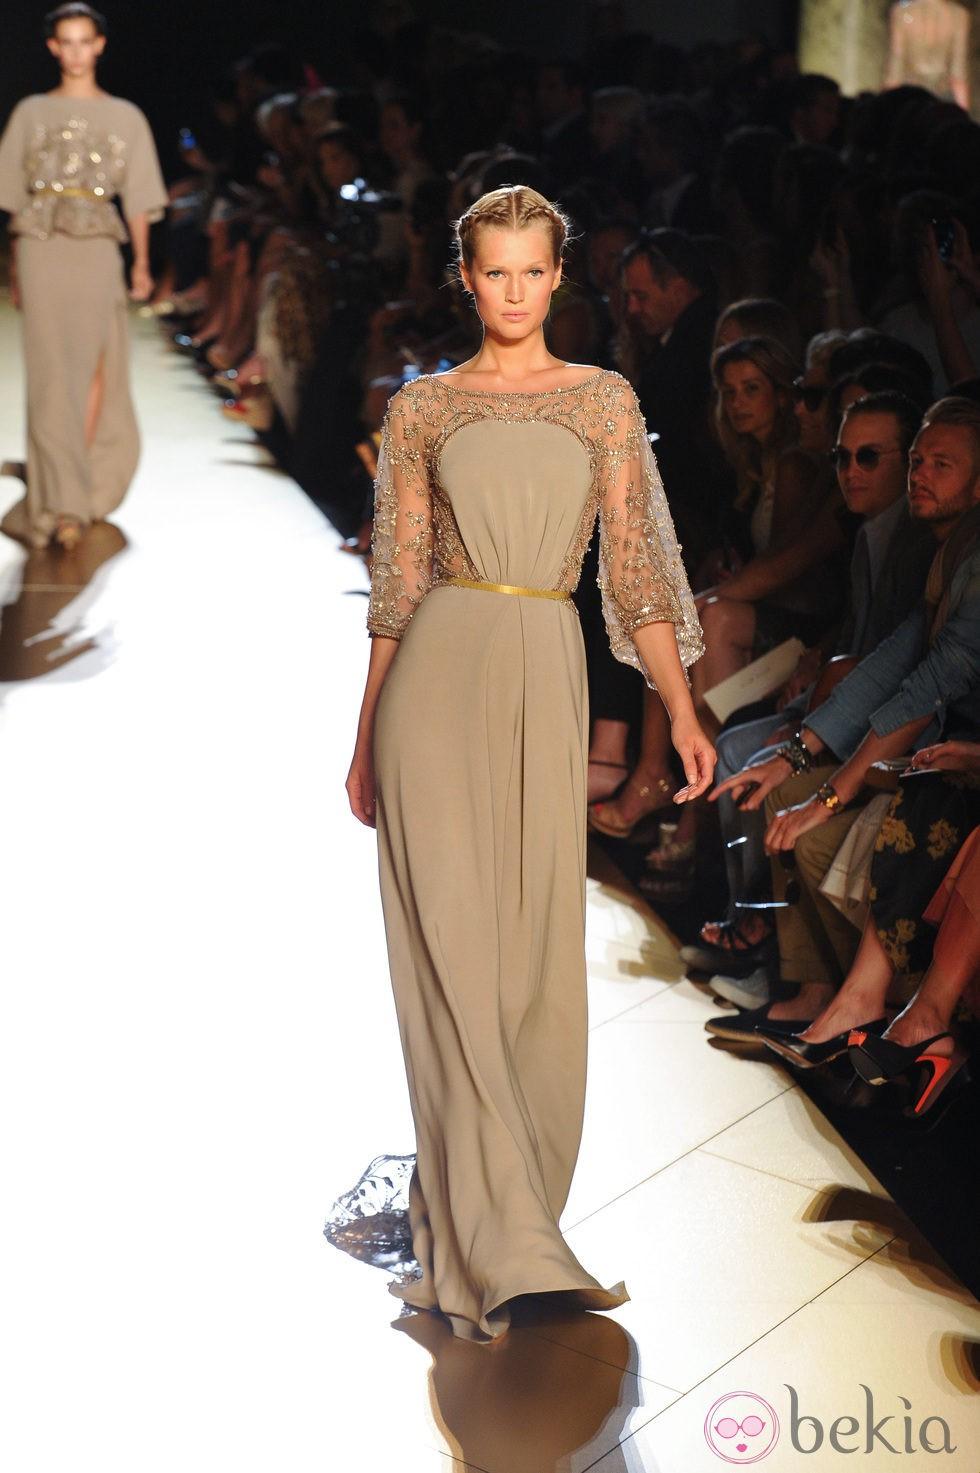 Dise o en color beige con transparencias en las mangas de - Diseno alta costura ...